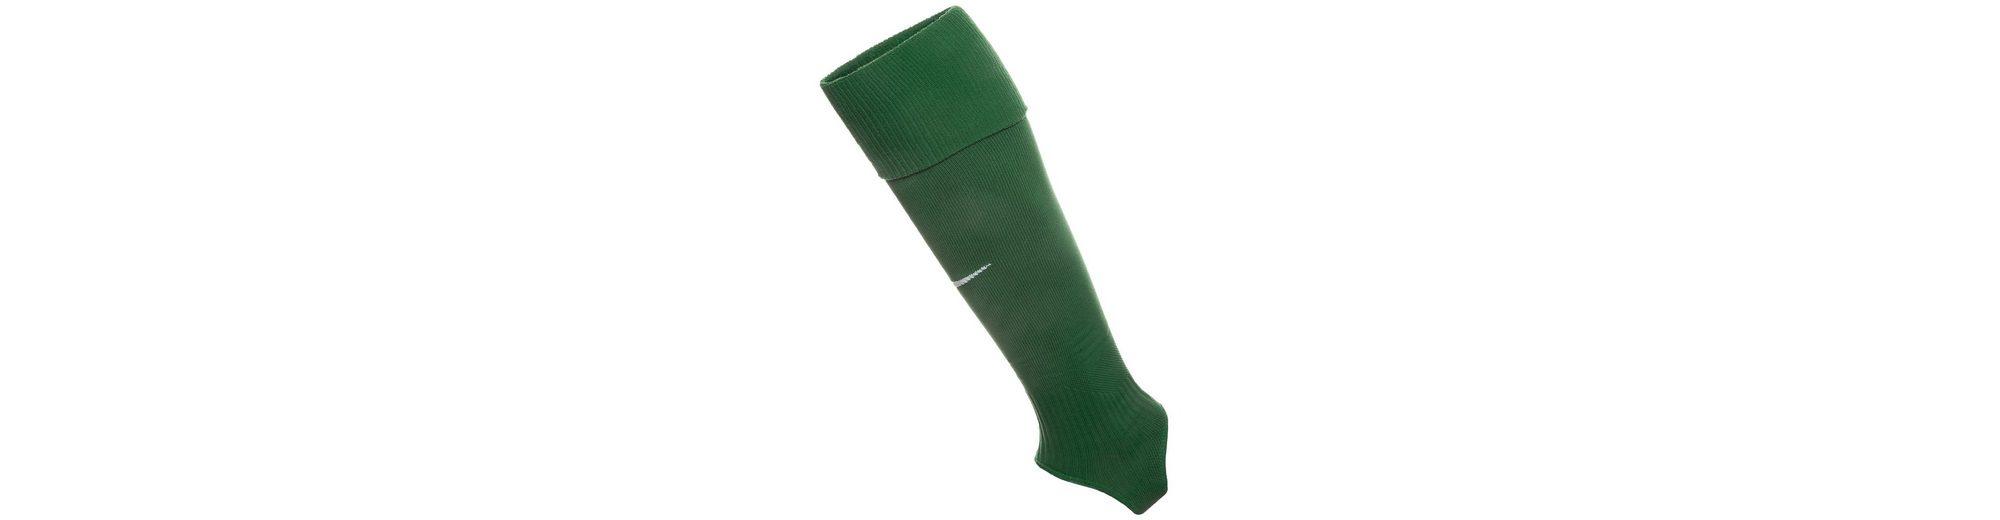 Nike Stutzen Stirrup Game Iii Günstig Kaufen Die Besten Preise Auslass Perfekt T6hmJm31n